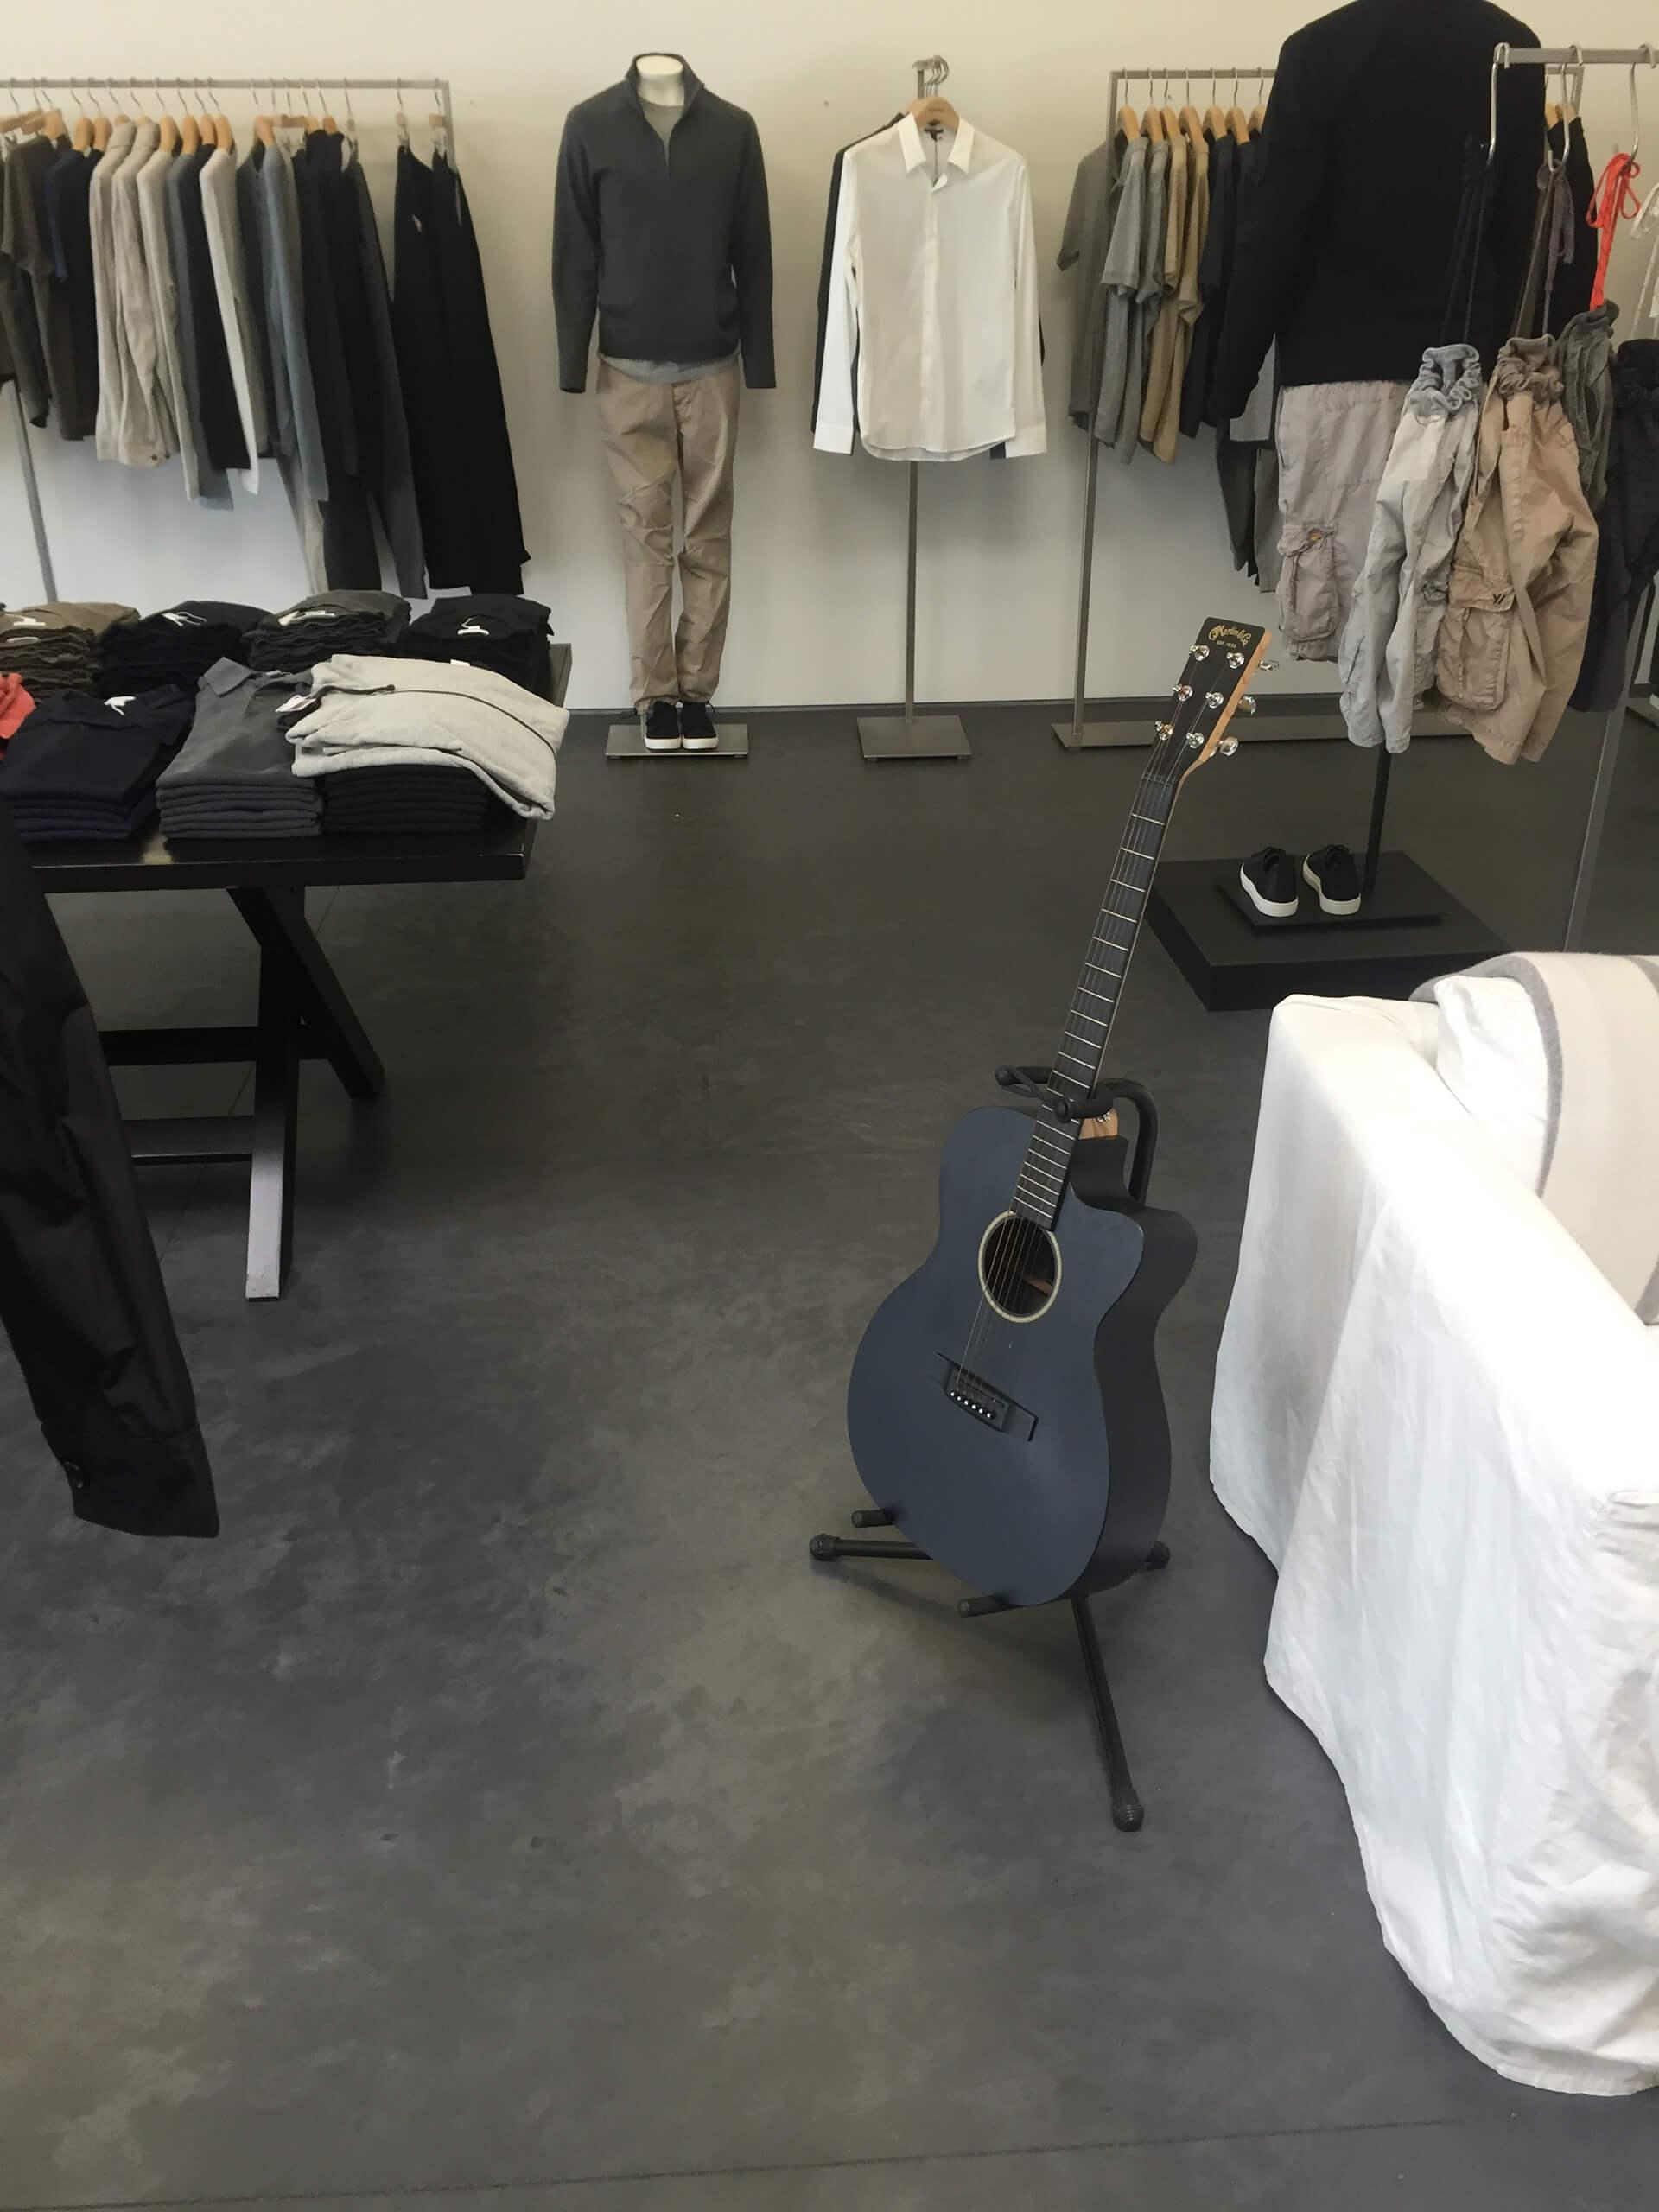 pavimento in resina realizzato in un negozio di abbigliamento